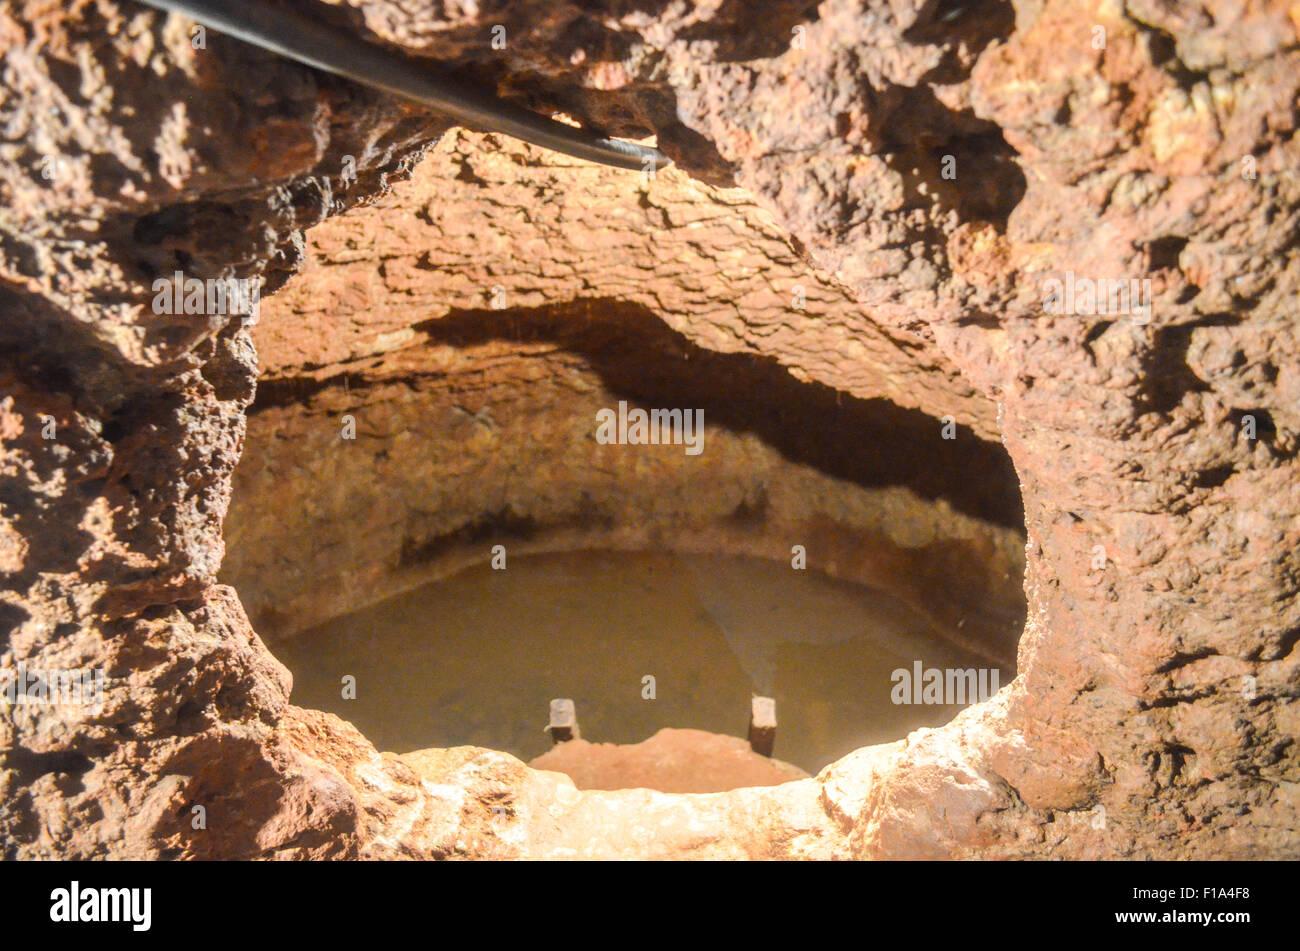 Underground dwelling in Abomey, Benin (Agongointo-Zoungoudo Village souterrain) - Stock Image